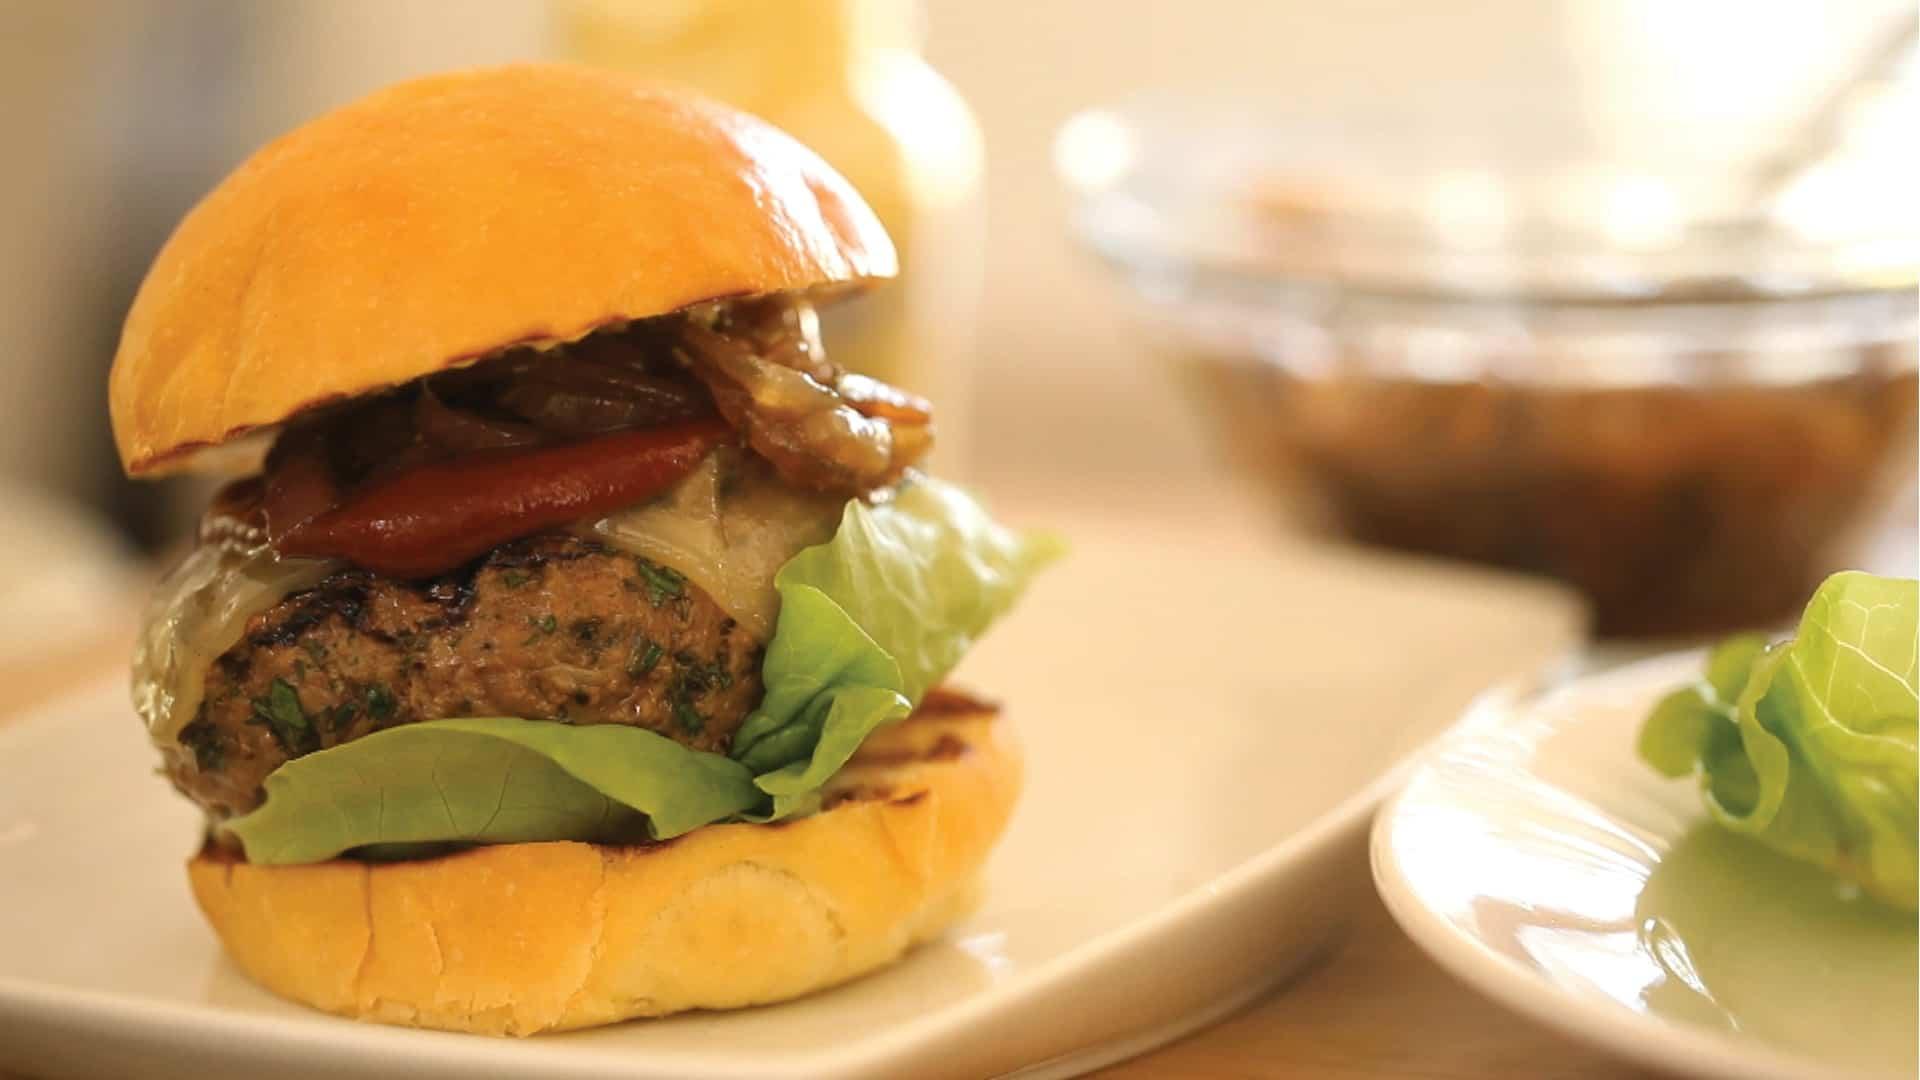 ewb36_burger_Final copy